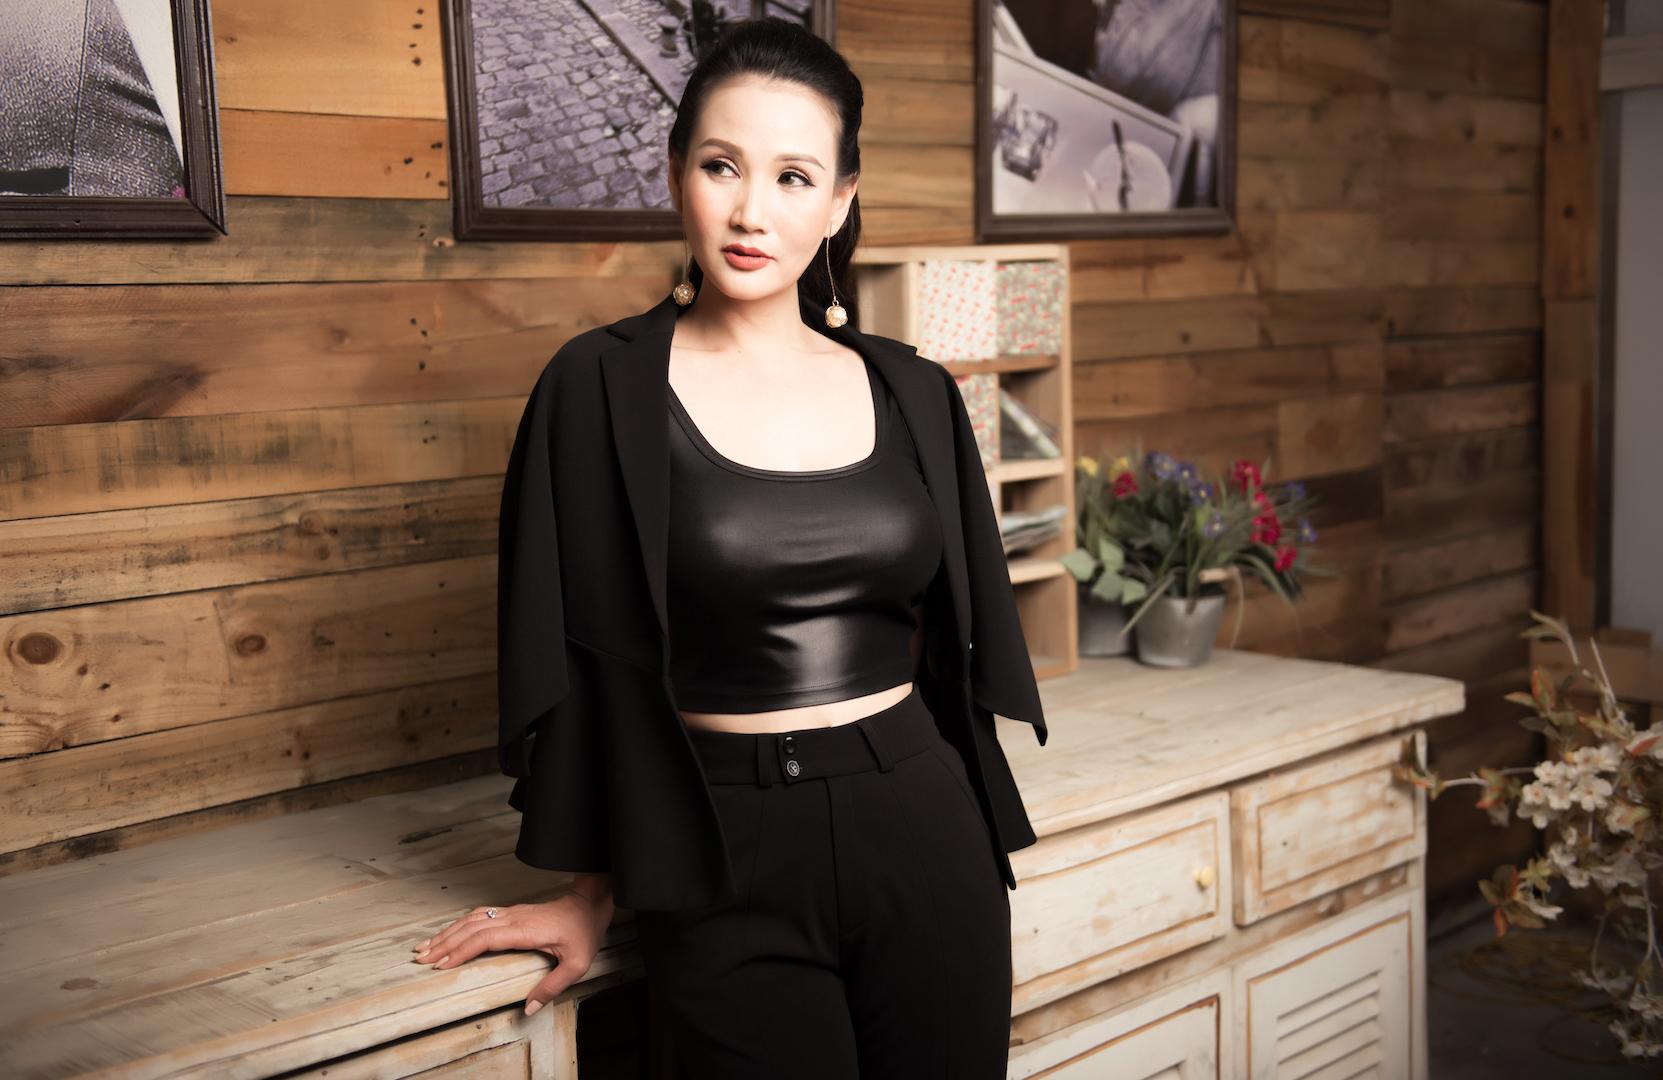 Hoa hậu Sương Đặng khoe vẻ đẹp cuốn hút khó rời mắt với đầm đen 5